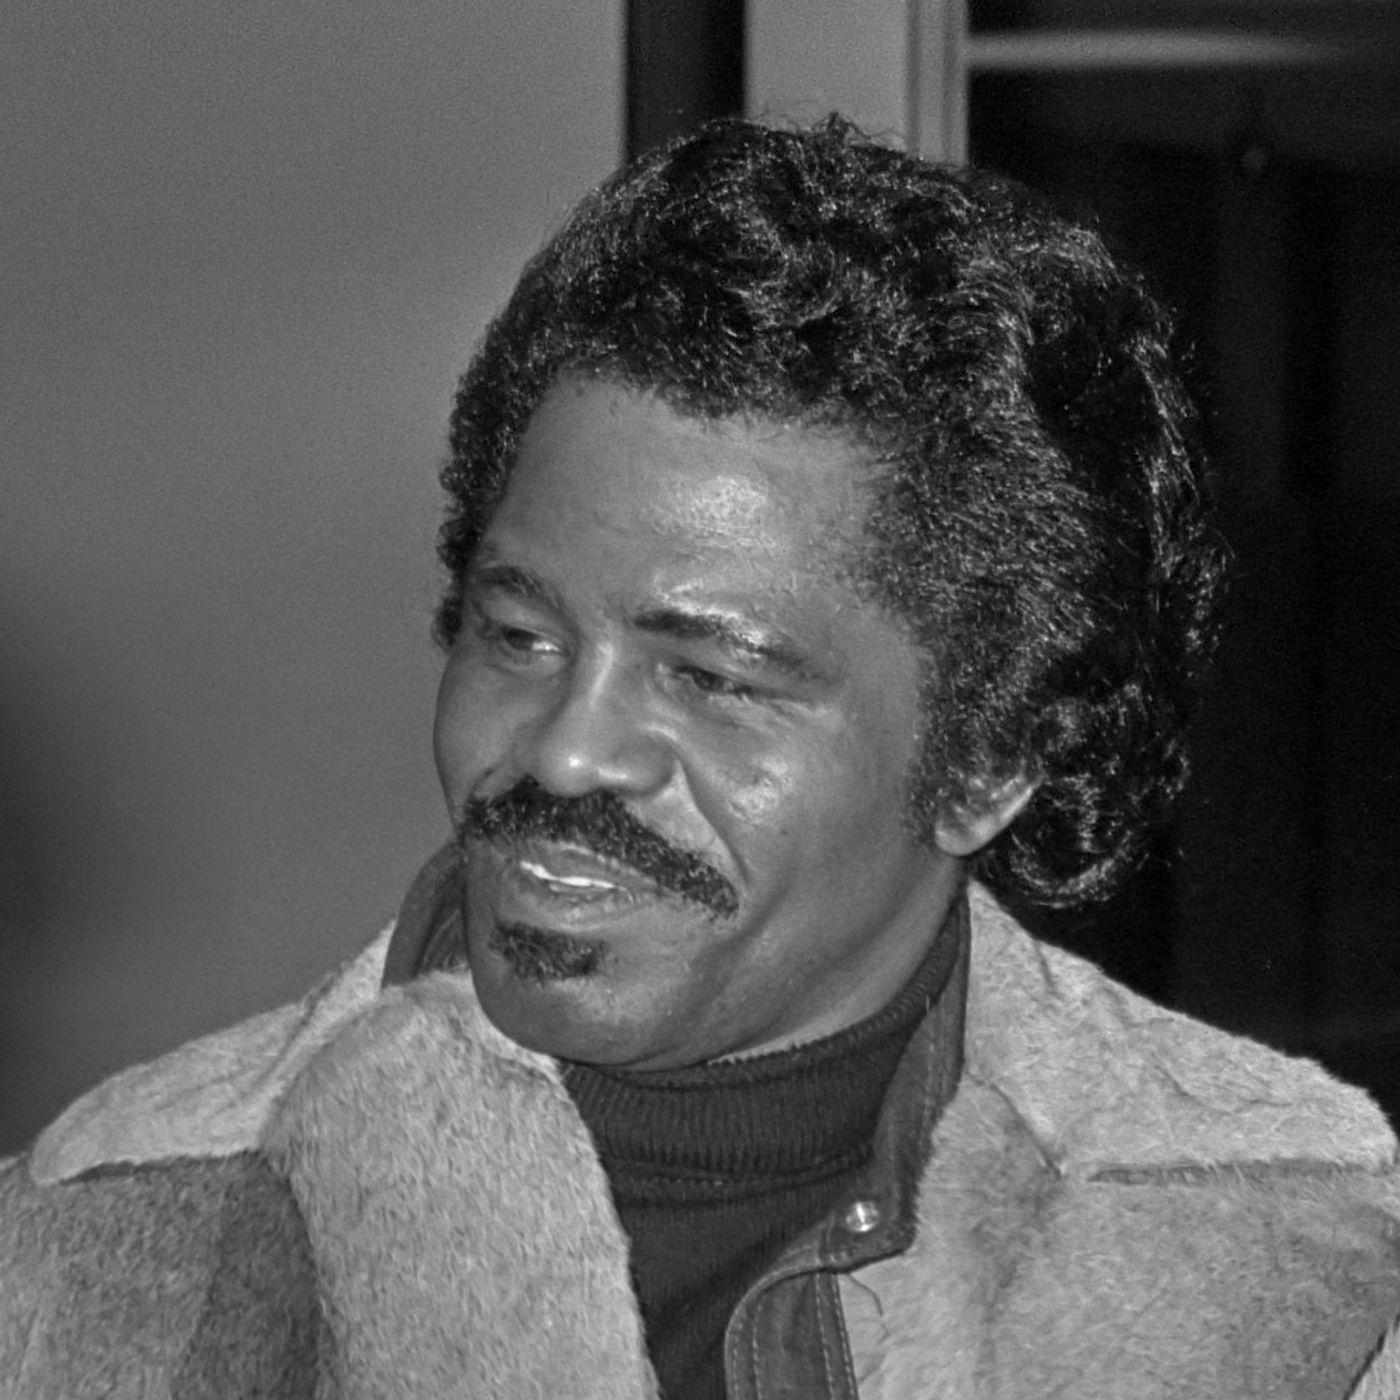 James Brown & Otis Redding - 4:10:21, 6.39 PM